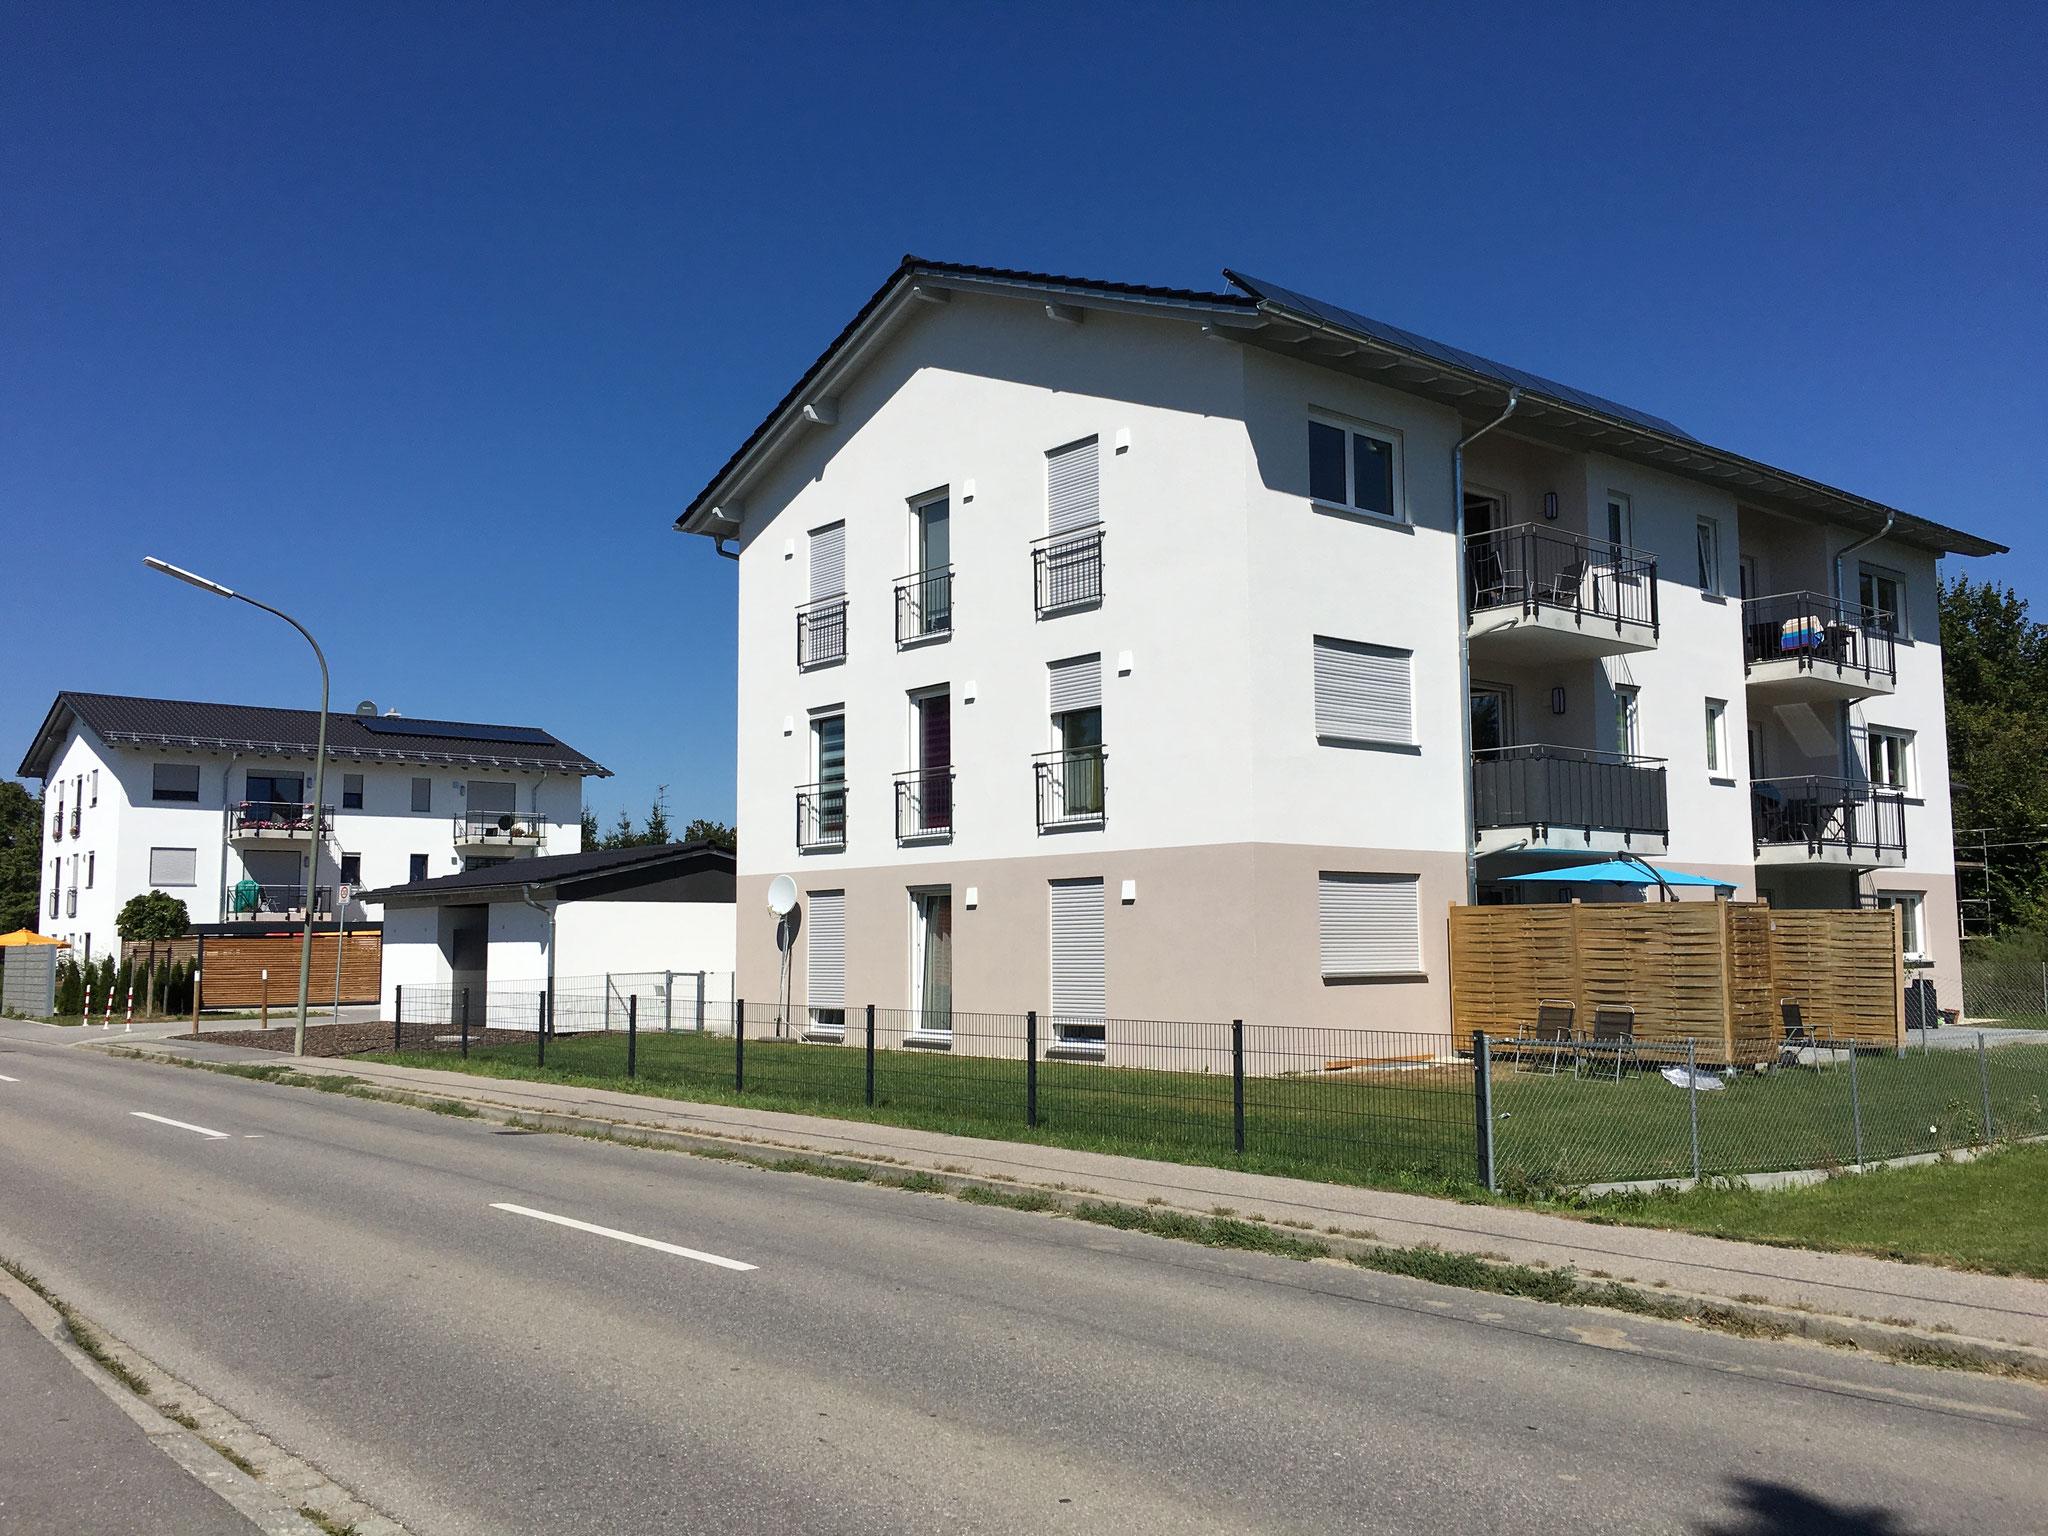 Neubau von 2 Mehrfamilienwohnhäusern mit 6 Wohneinheiten, Niederaichbach 2016 - Blick auf beide Gebäude